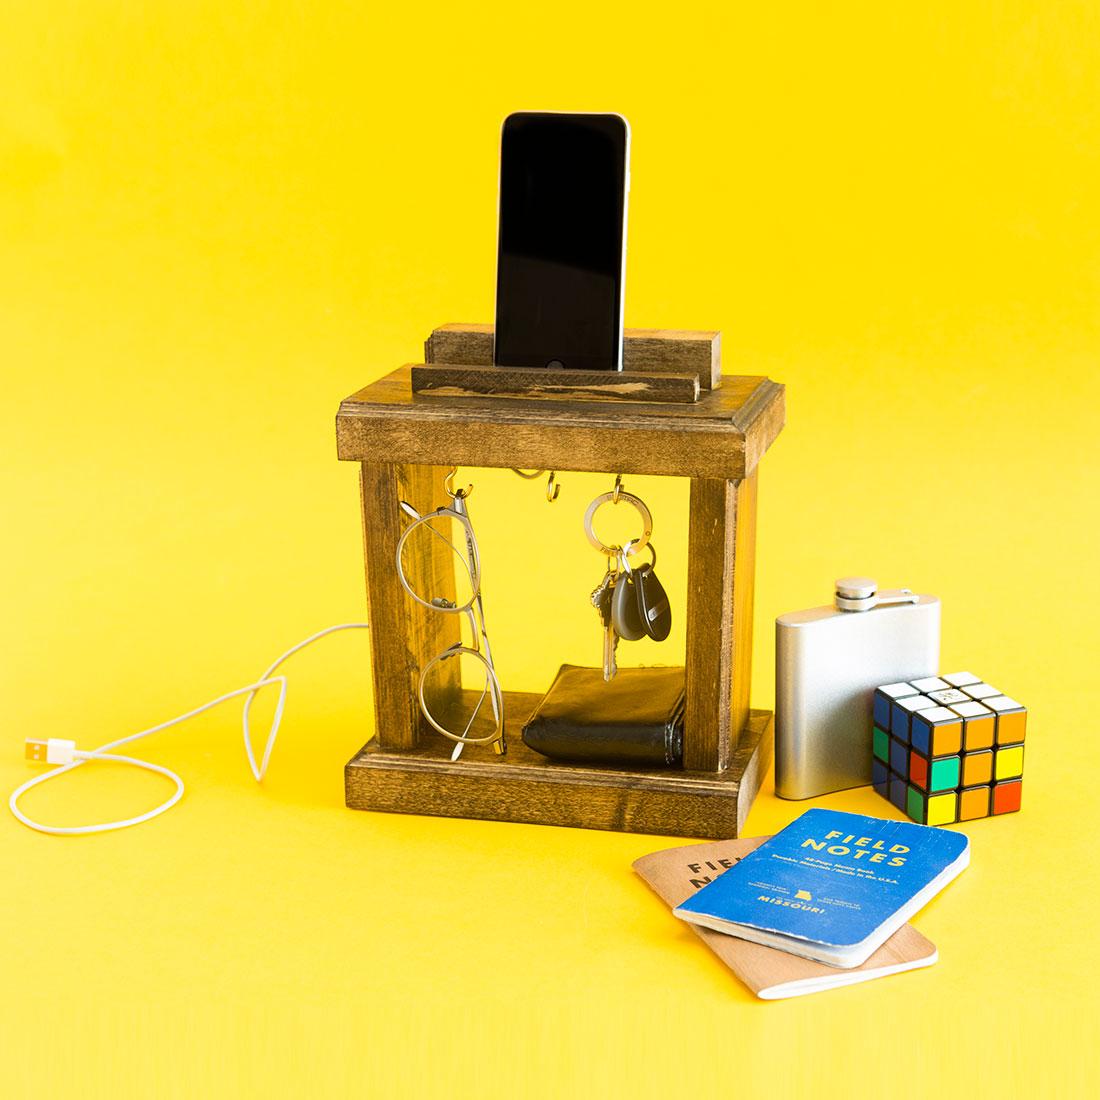 Nghịch gỗ chế khung đa năng: Vừa sạc điện thoại, vừa treo chìa khoá - Ảnh 11.